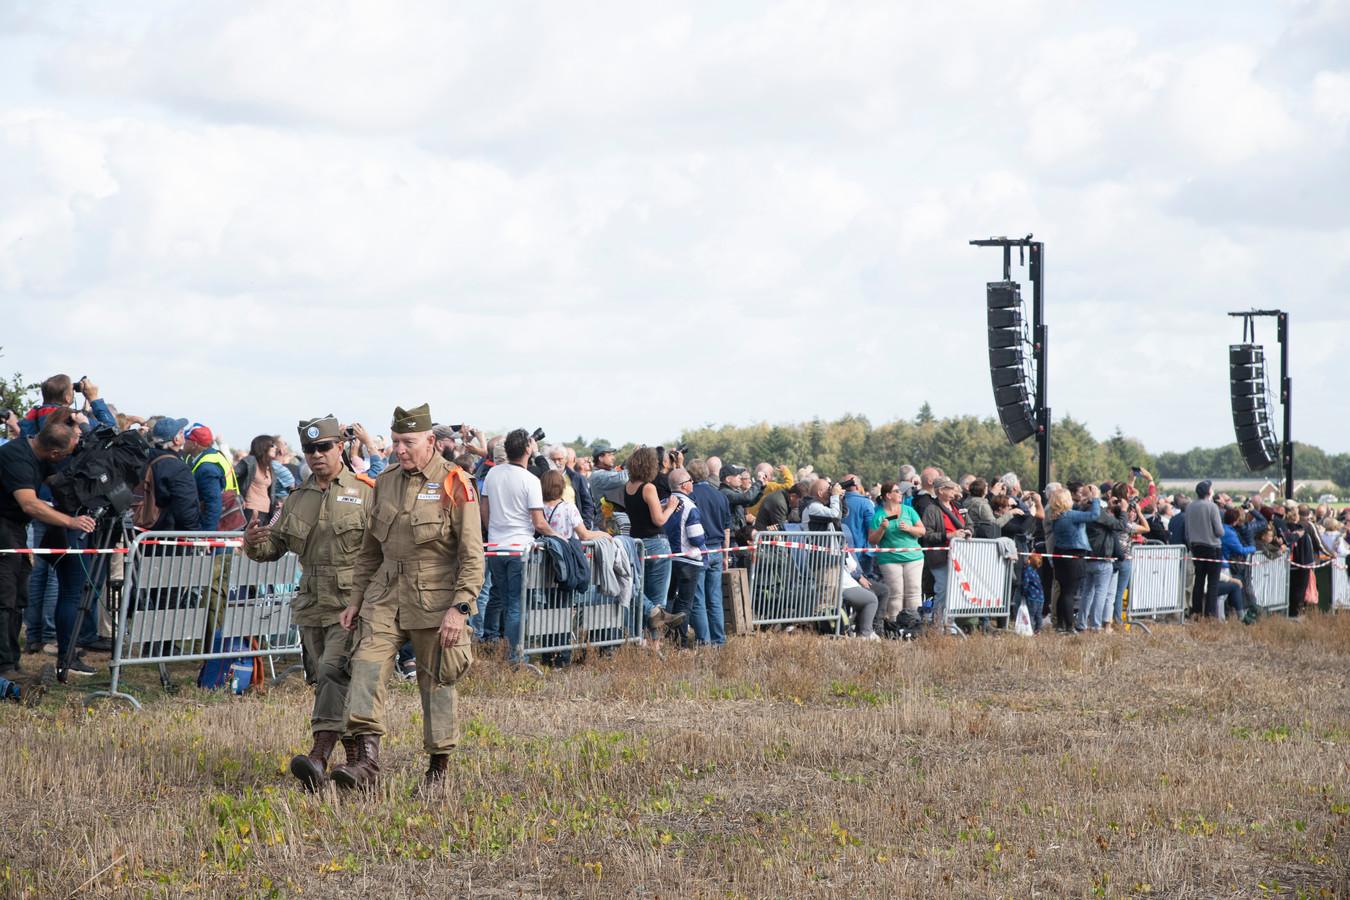 Op het terrein waren zo'n 5000 mensen aanwezig. Vanaf de wegen rond de droppingzone bekeken nog eens honderden mensen de luchtlandingen.